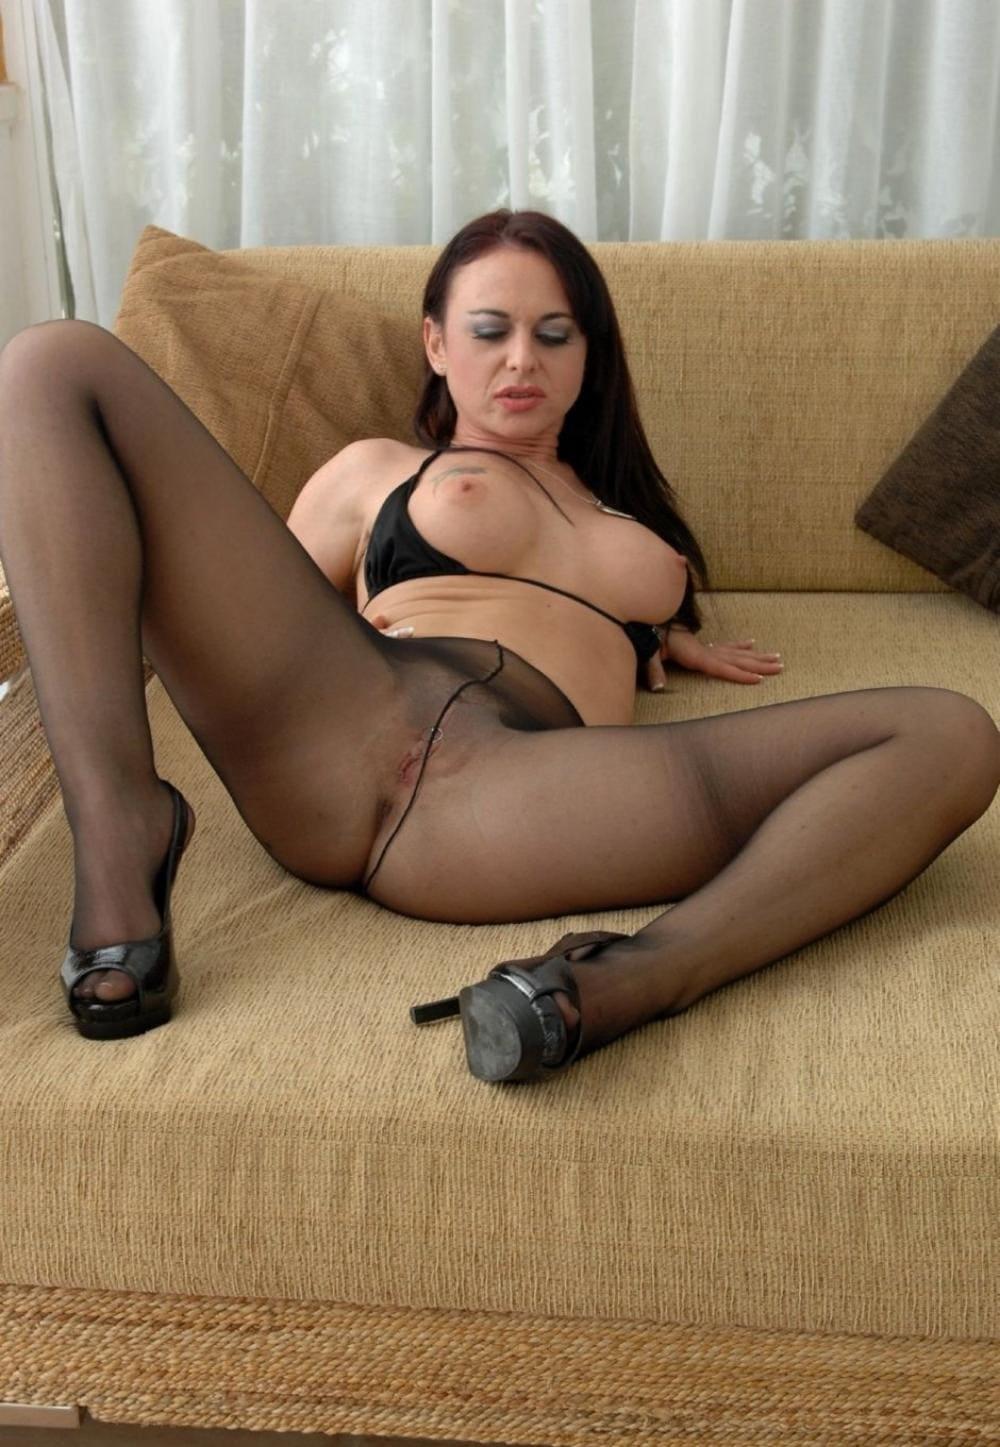 Девушки в черных колготках лежит на диване брюнетка широко расставив ноги в туфлях на высоком каблуке